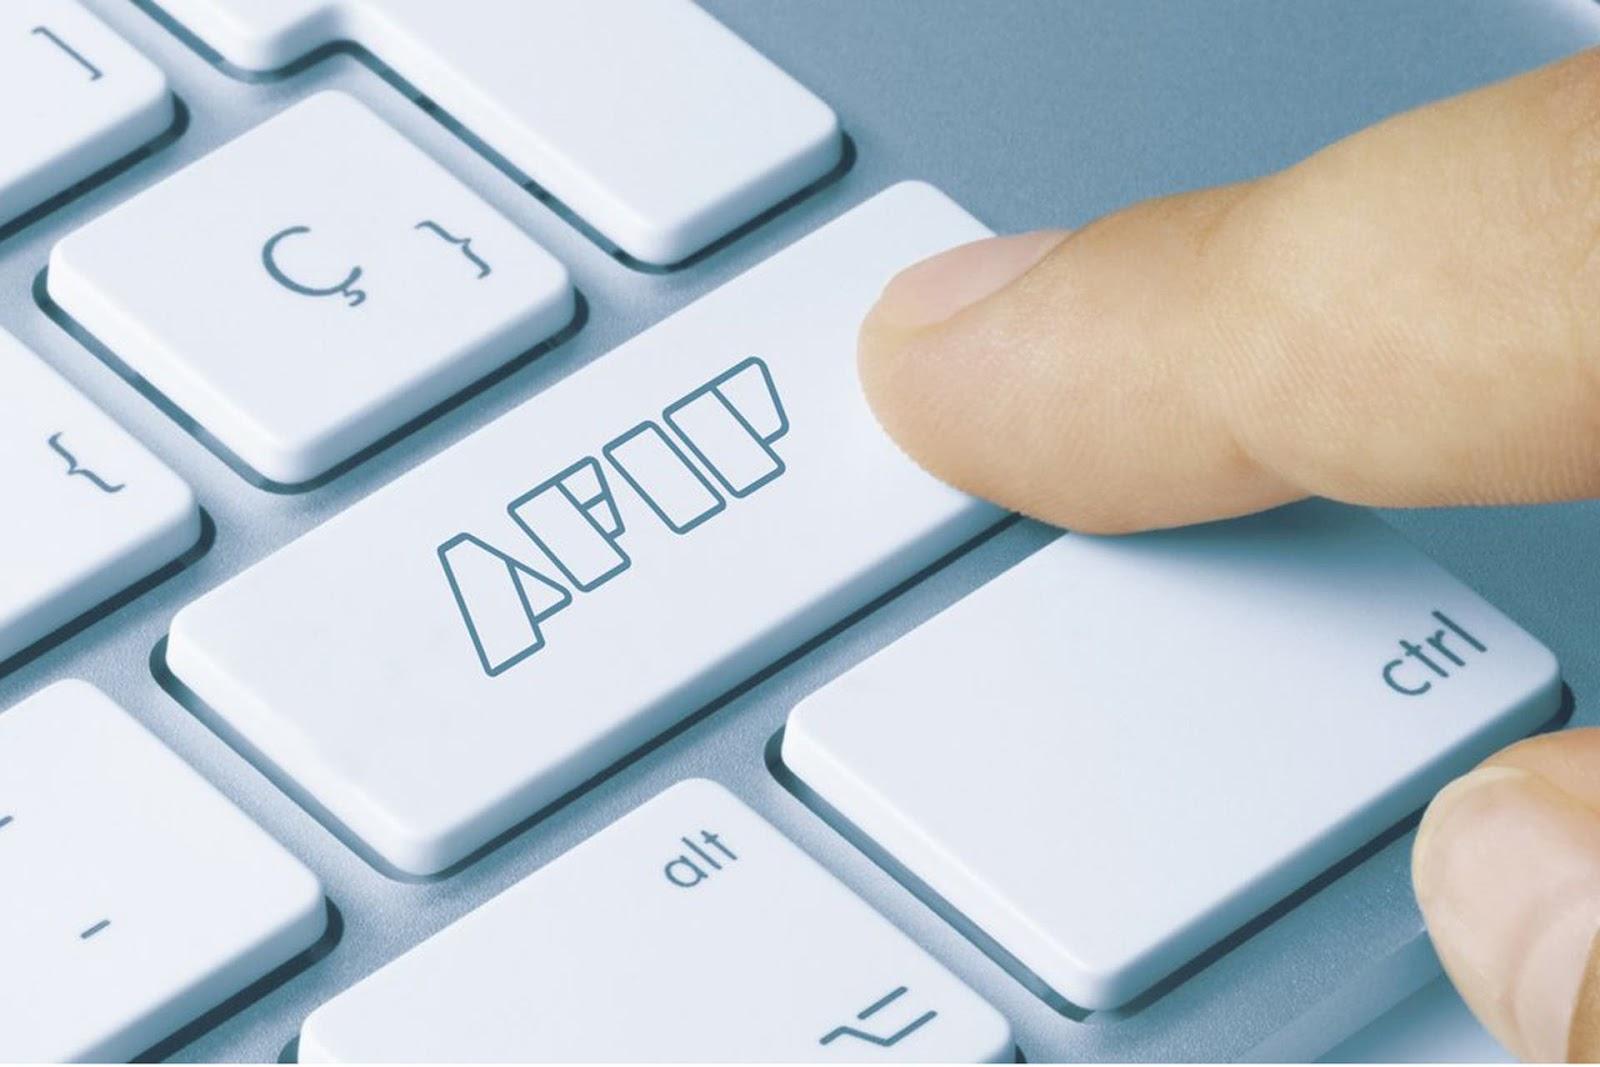 Desde este lunes se habilita la inscripción créditos a tasa cero para monotributistas y autónomos